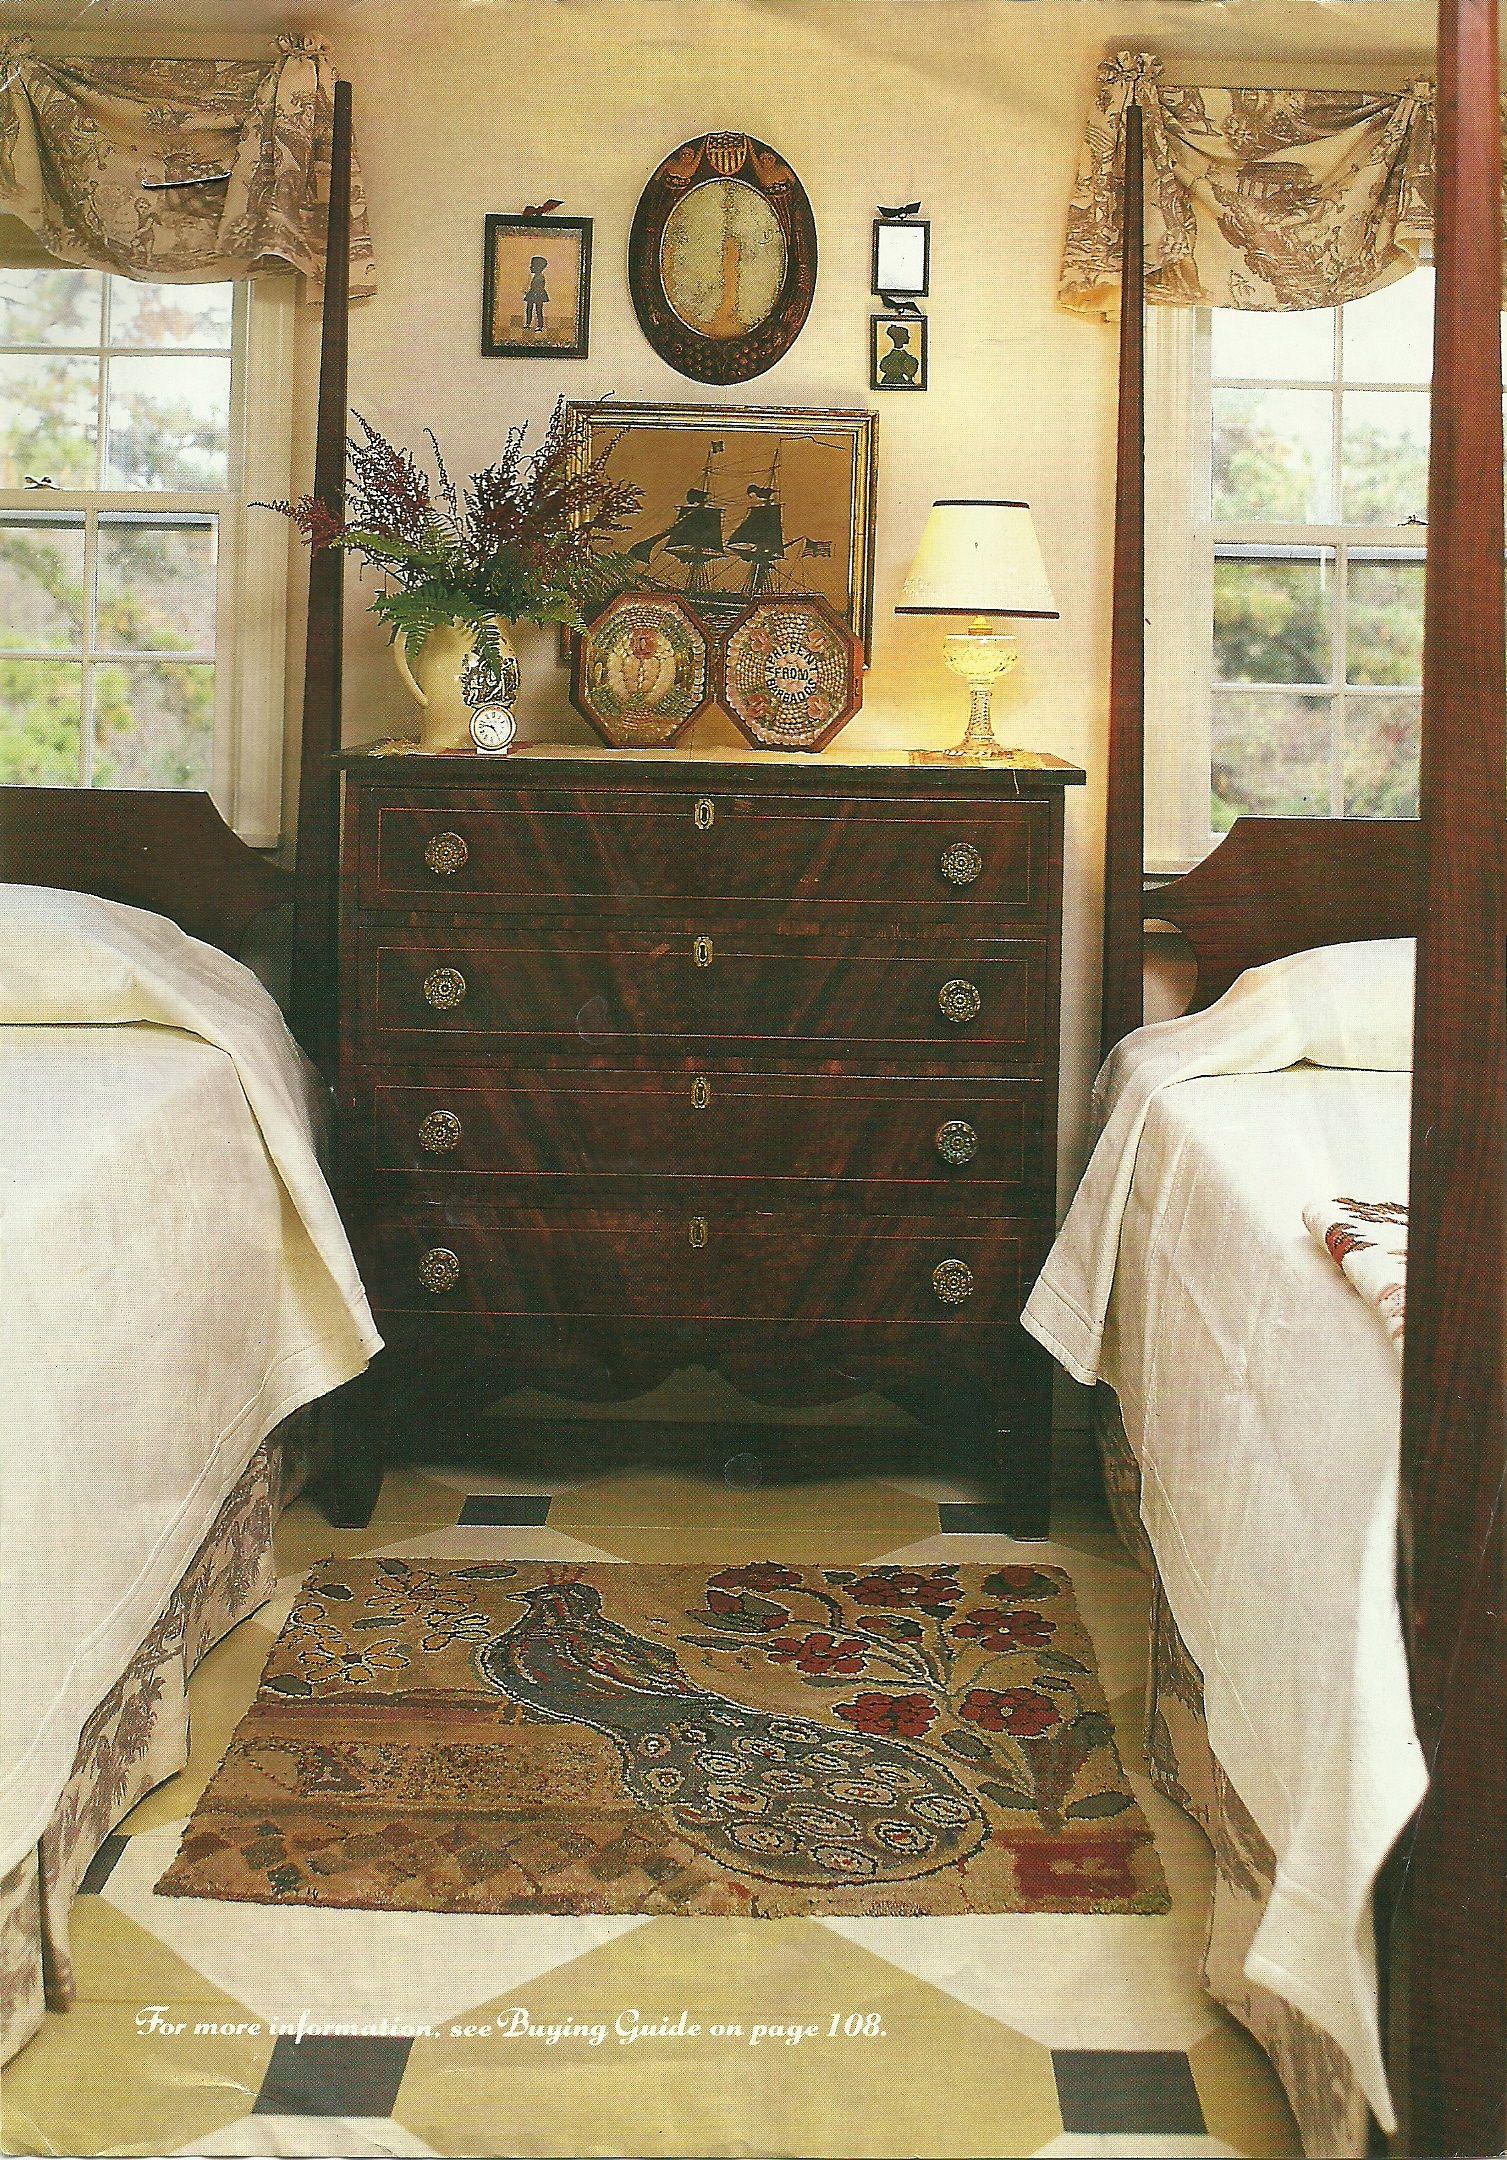 antique chest. | Muebles decorativos | Pinterest | Decoracion ...